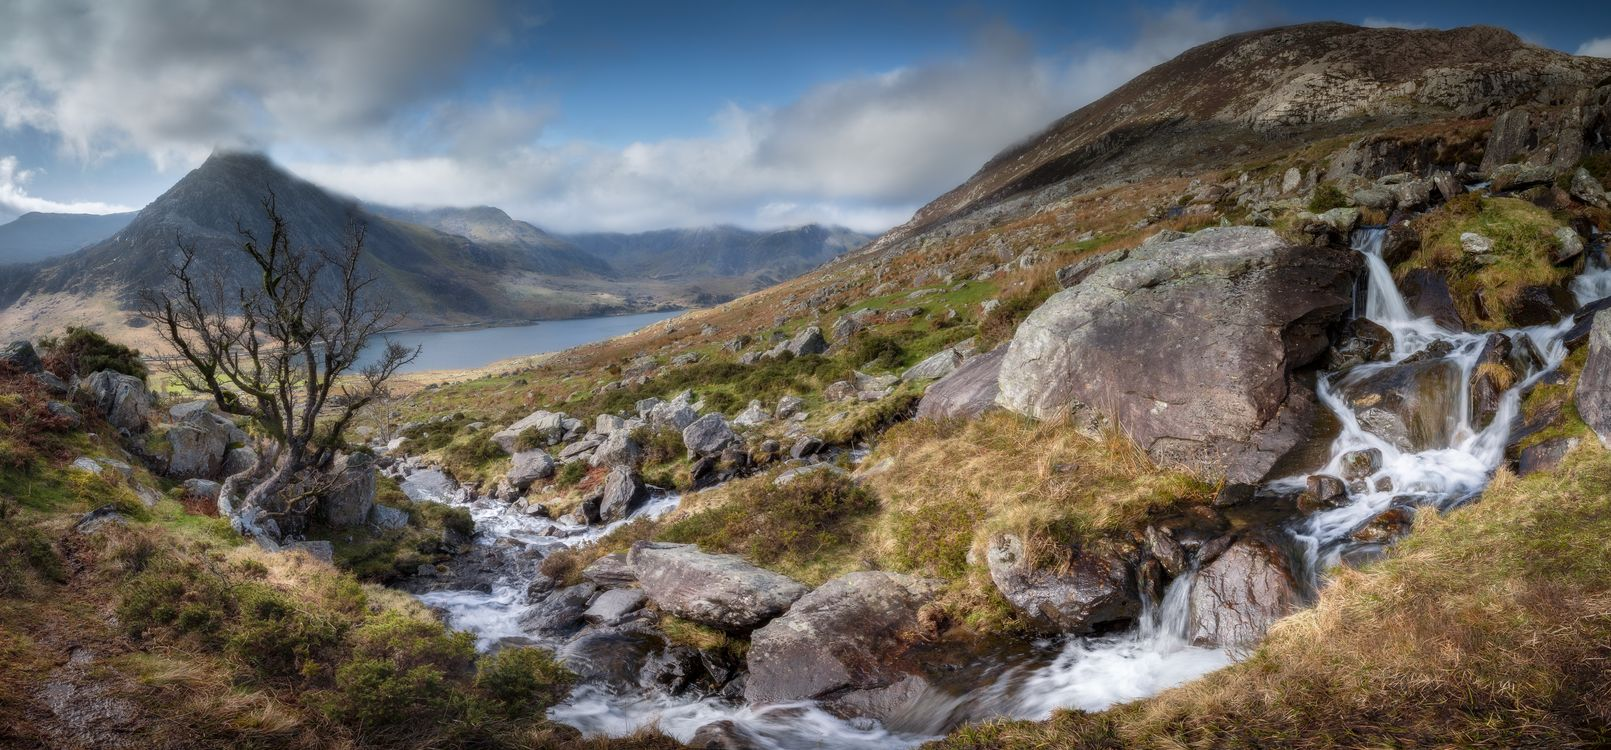 Фото Великобритания каменистый ручей панорамный - бесплатные картинки на Fonwall